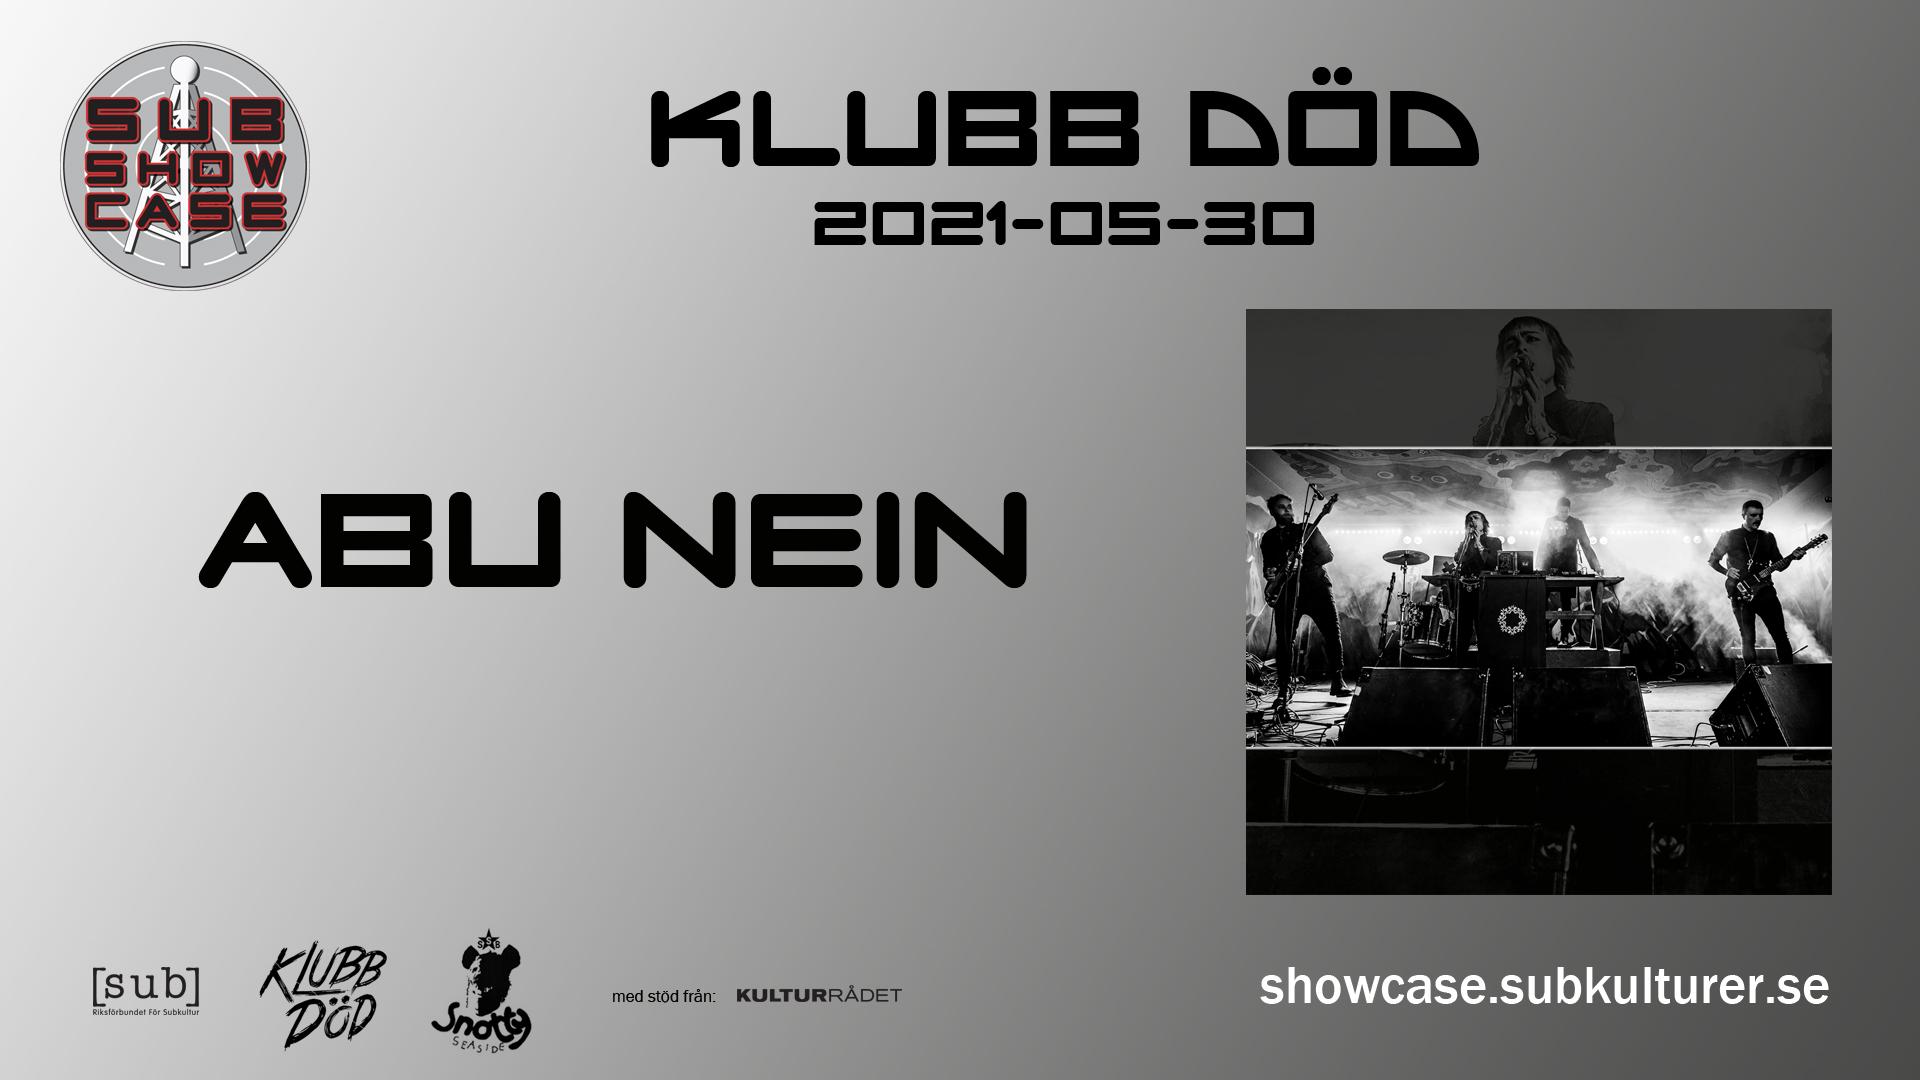 2021-05-30 Live från Klubb Död